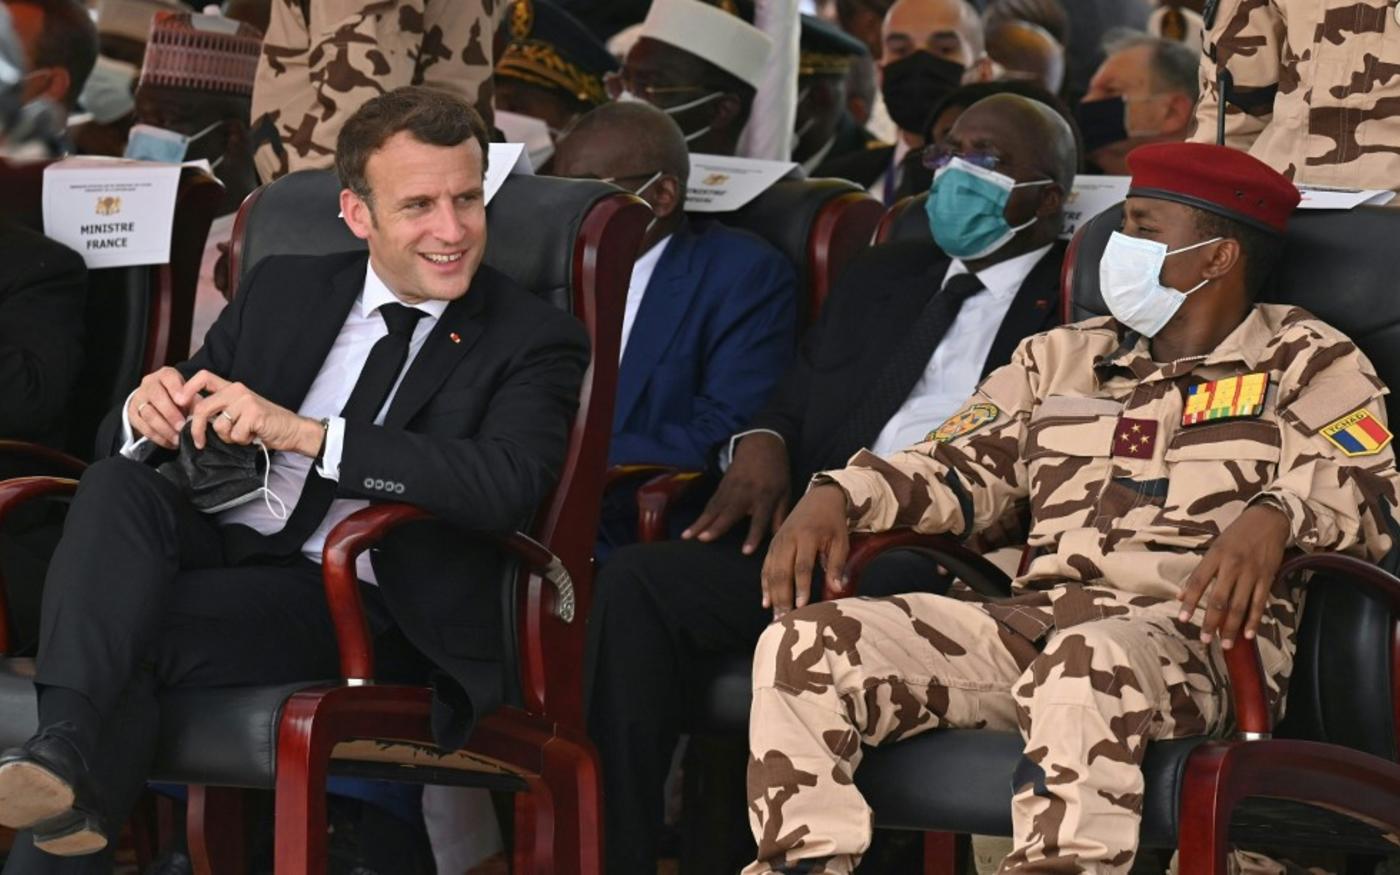 Emmanuel Macron lors des funérailles de l'ex-président tchadien Idriss Déby, avec le fils de ce dernier Mahamat Idriss Déby, à N'Djaména (AFP/Issoud Sanogo)